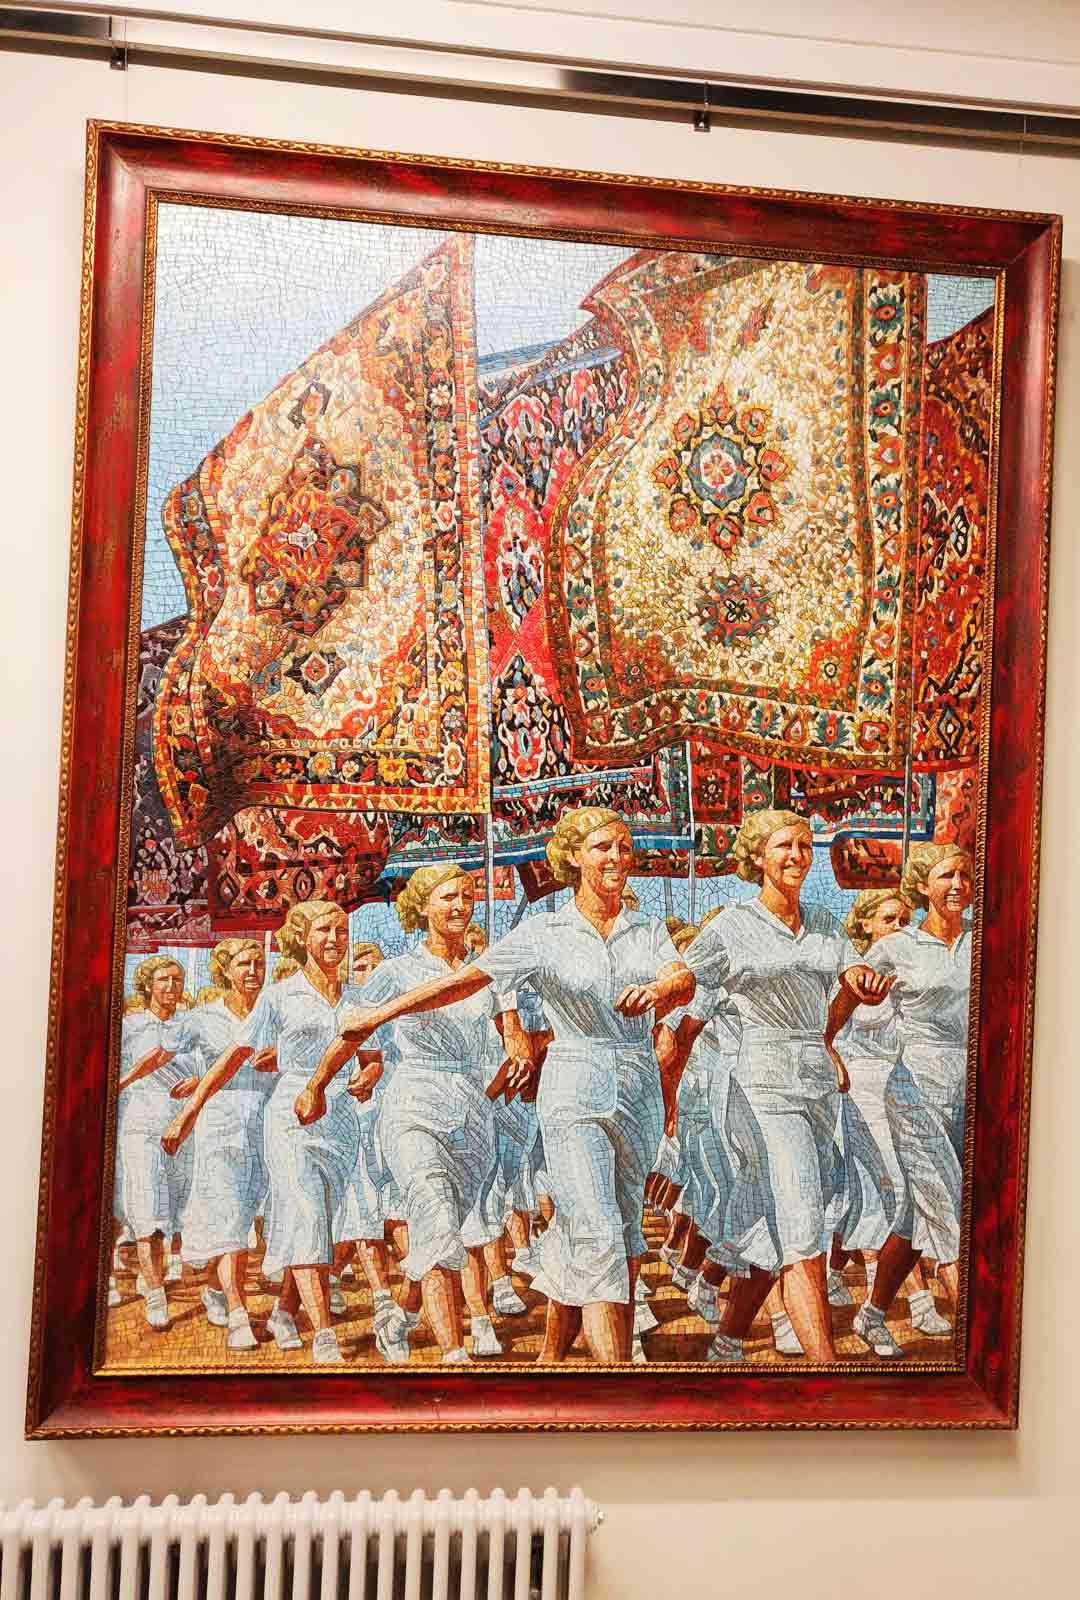 Sosialistista realismia edustava teos nykytaiteen museo Erartassa.